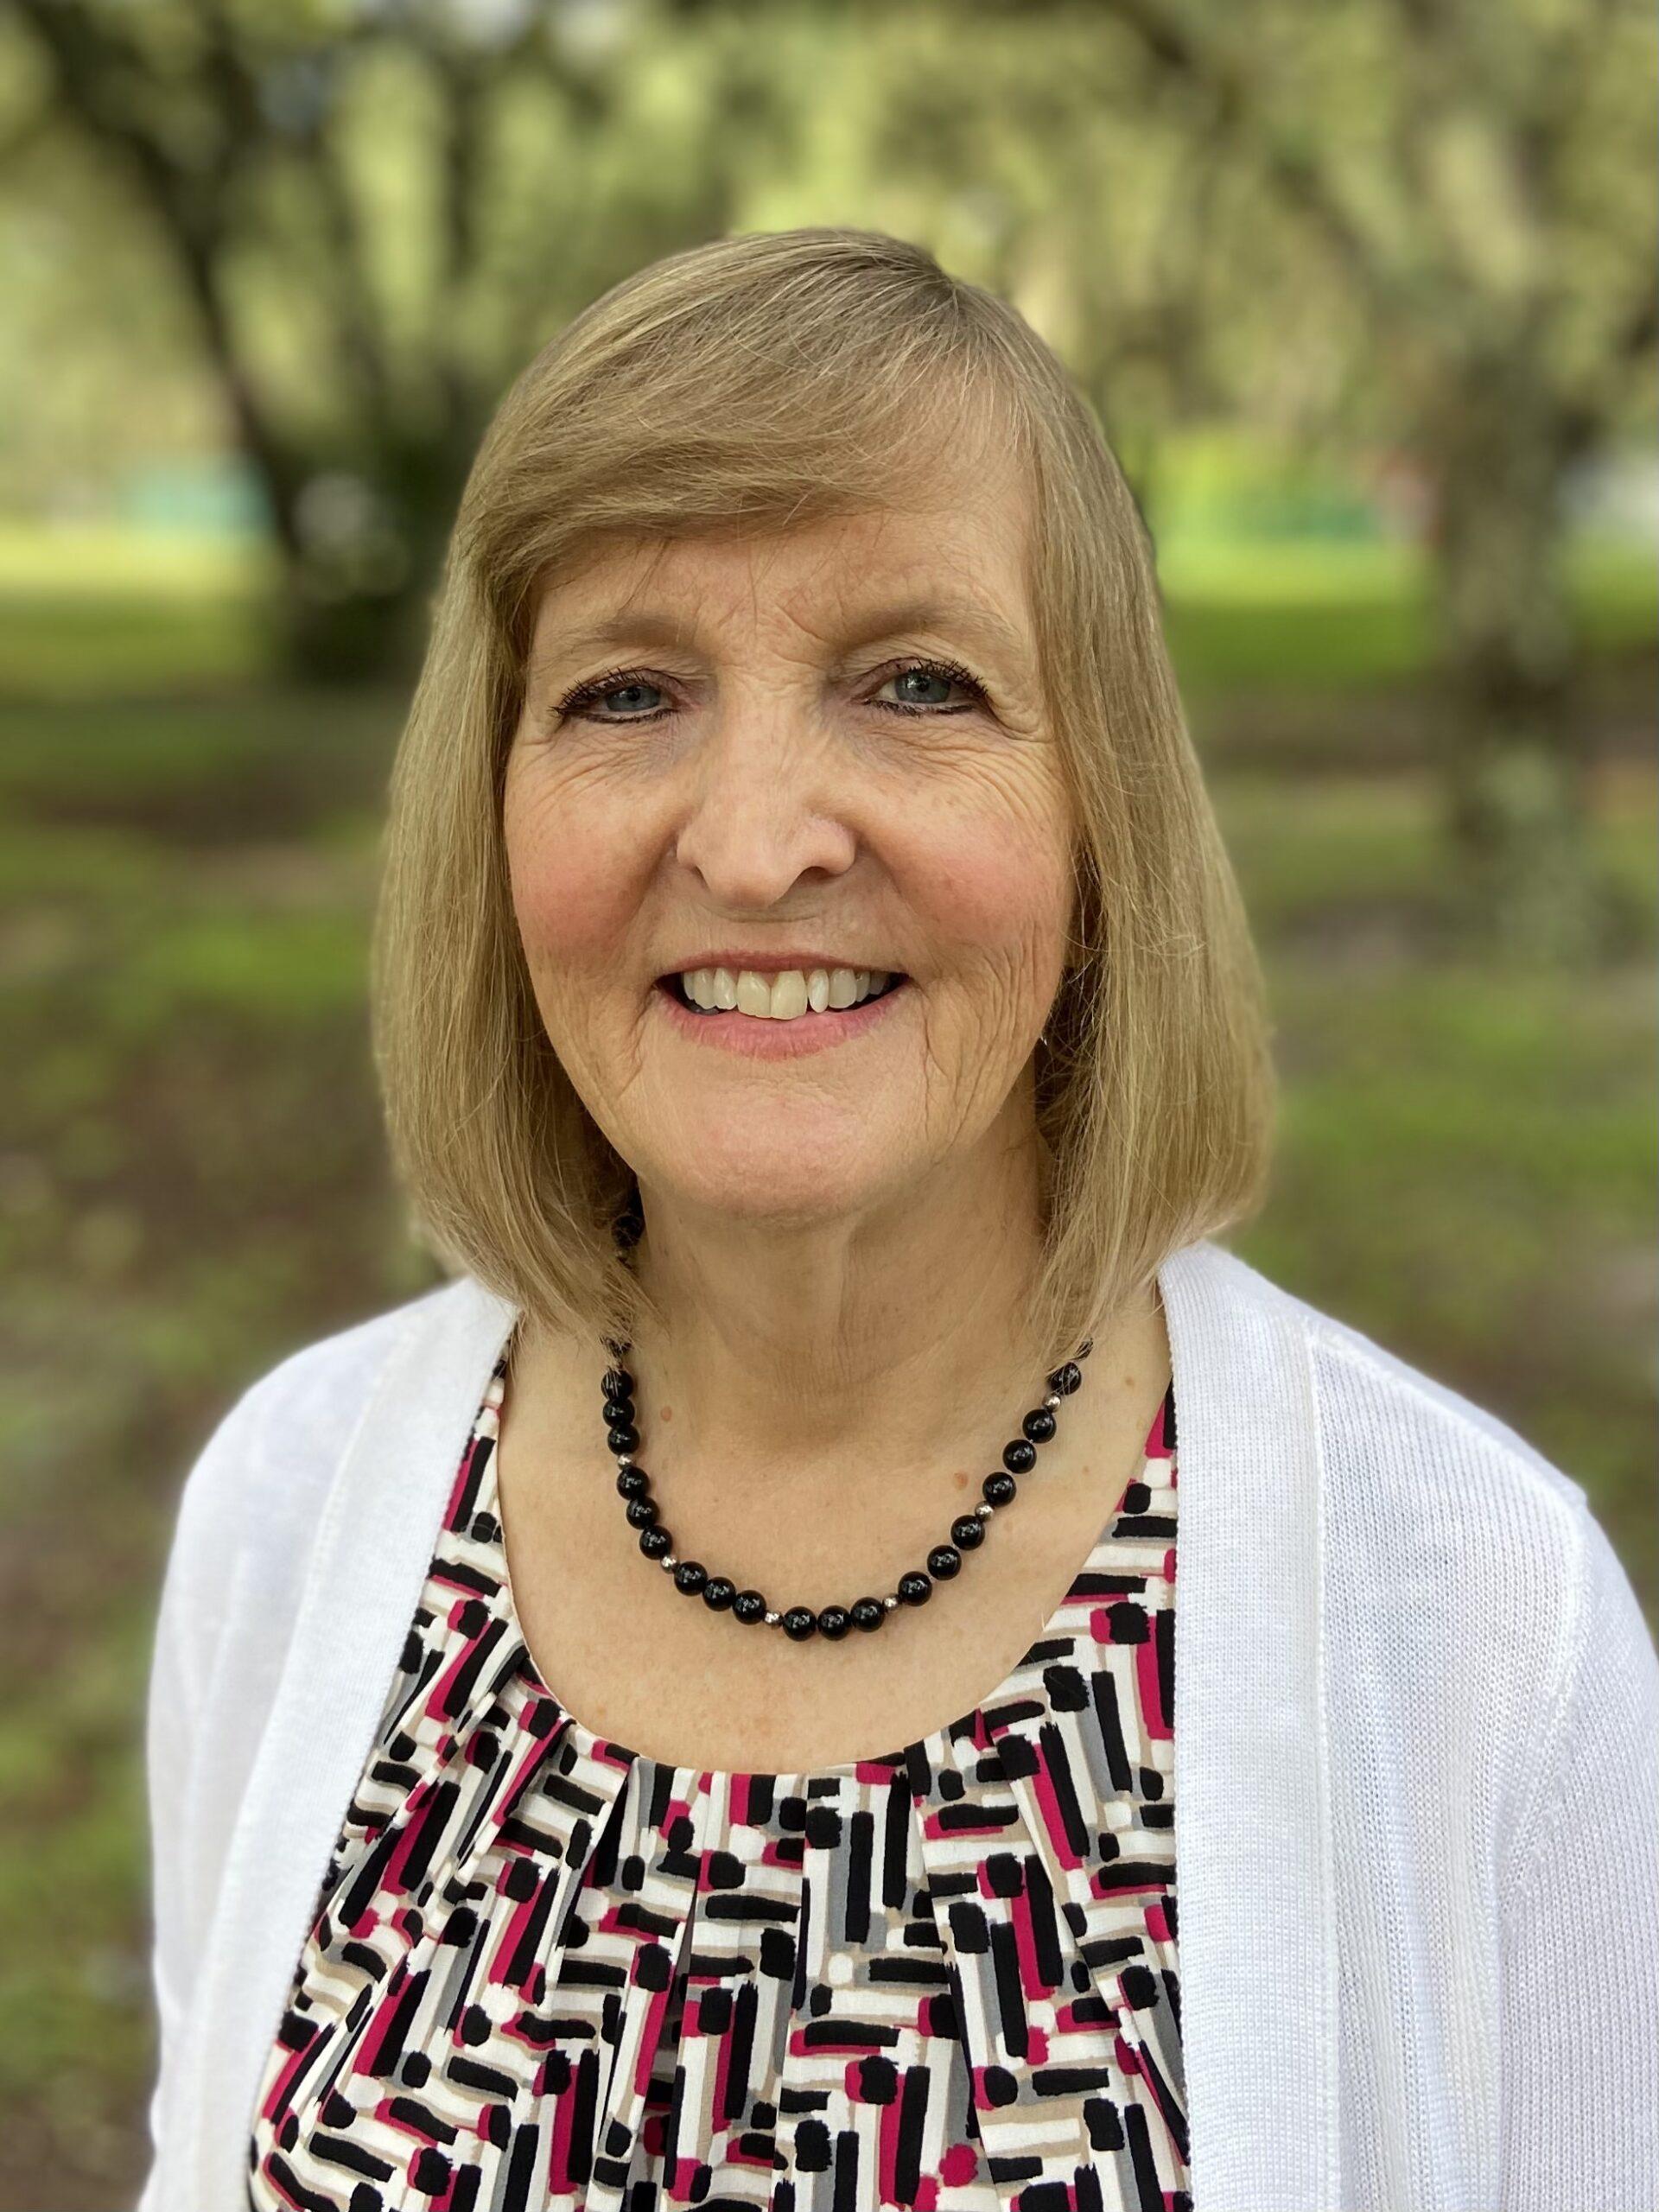 Kathy Melecio - Secretary